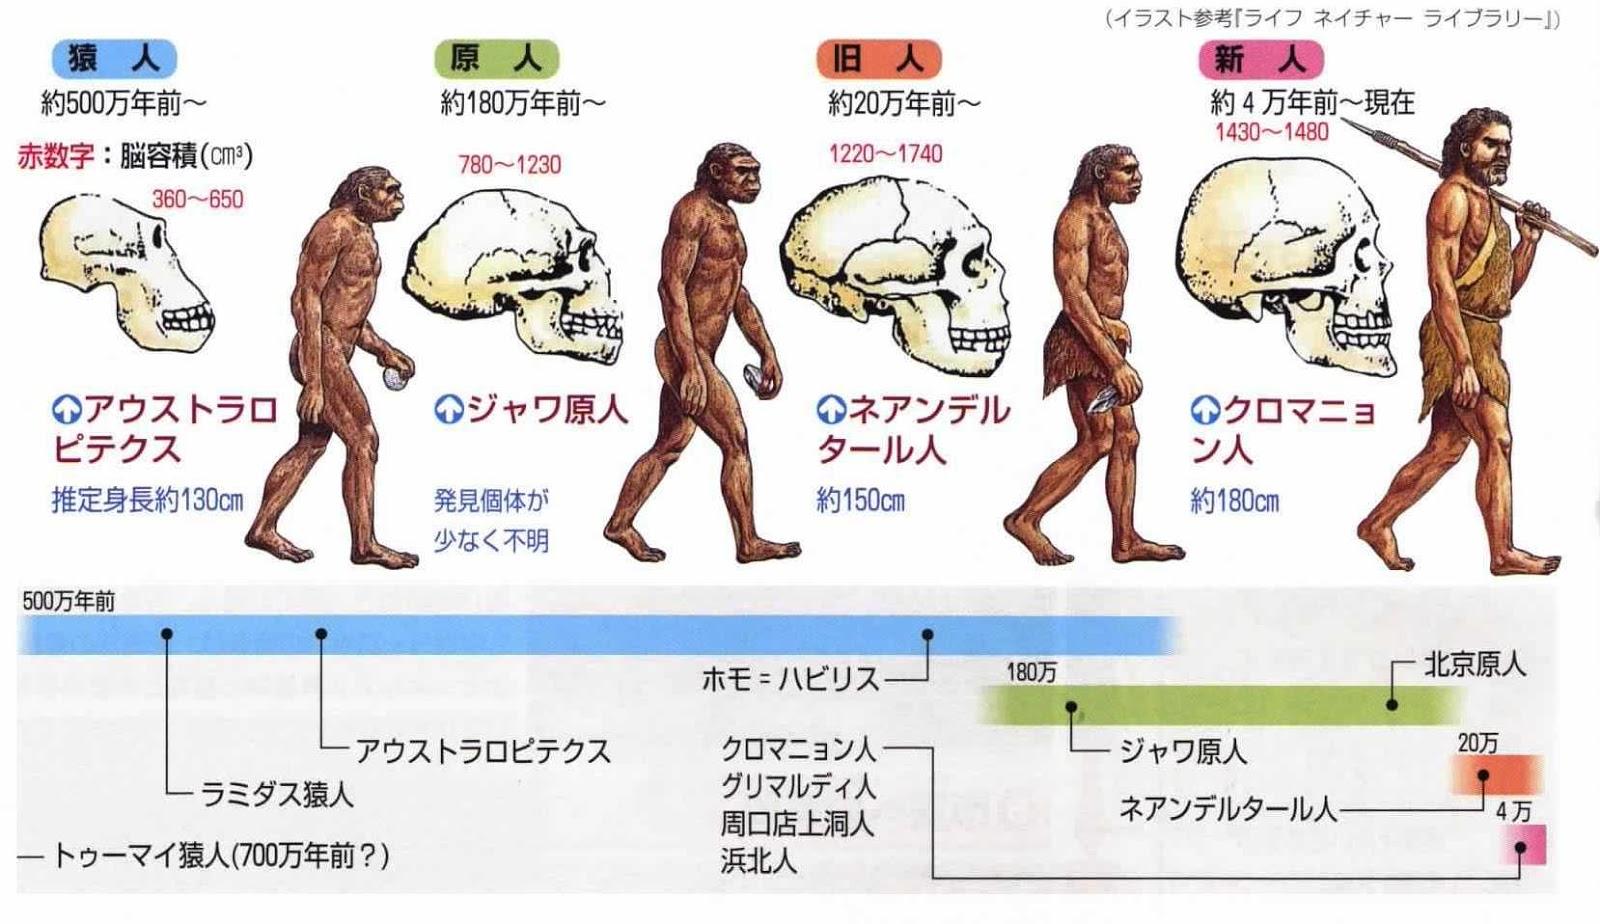 「ダーウィン進化論」完全論破!! AIが「人類には未知の祖先がいる」とゲノム解析で明らかにwww